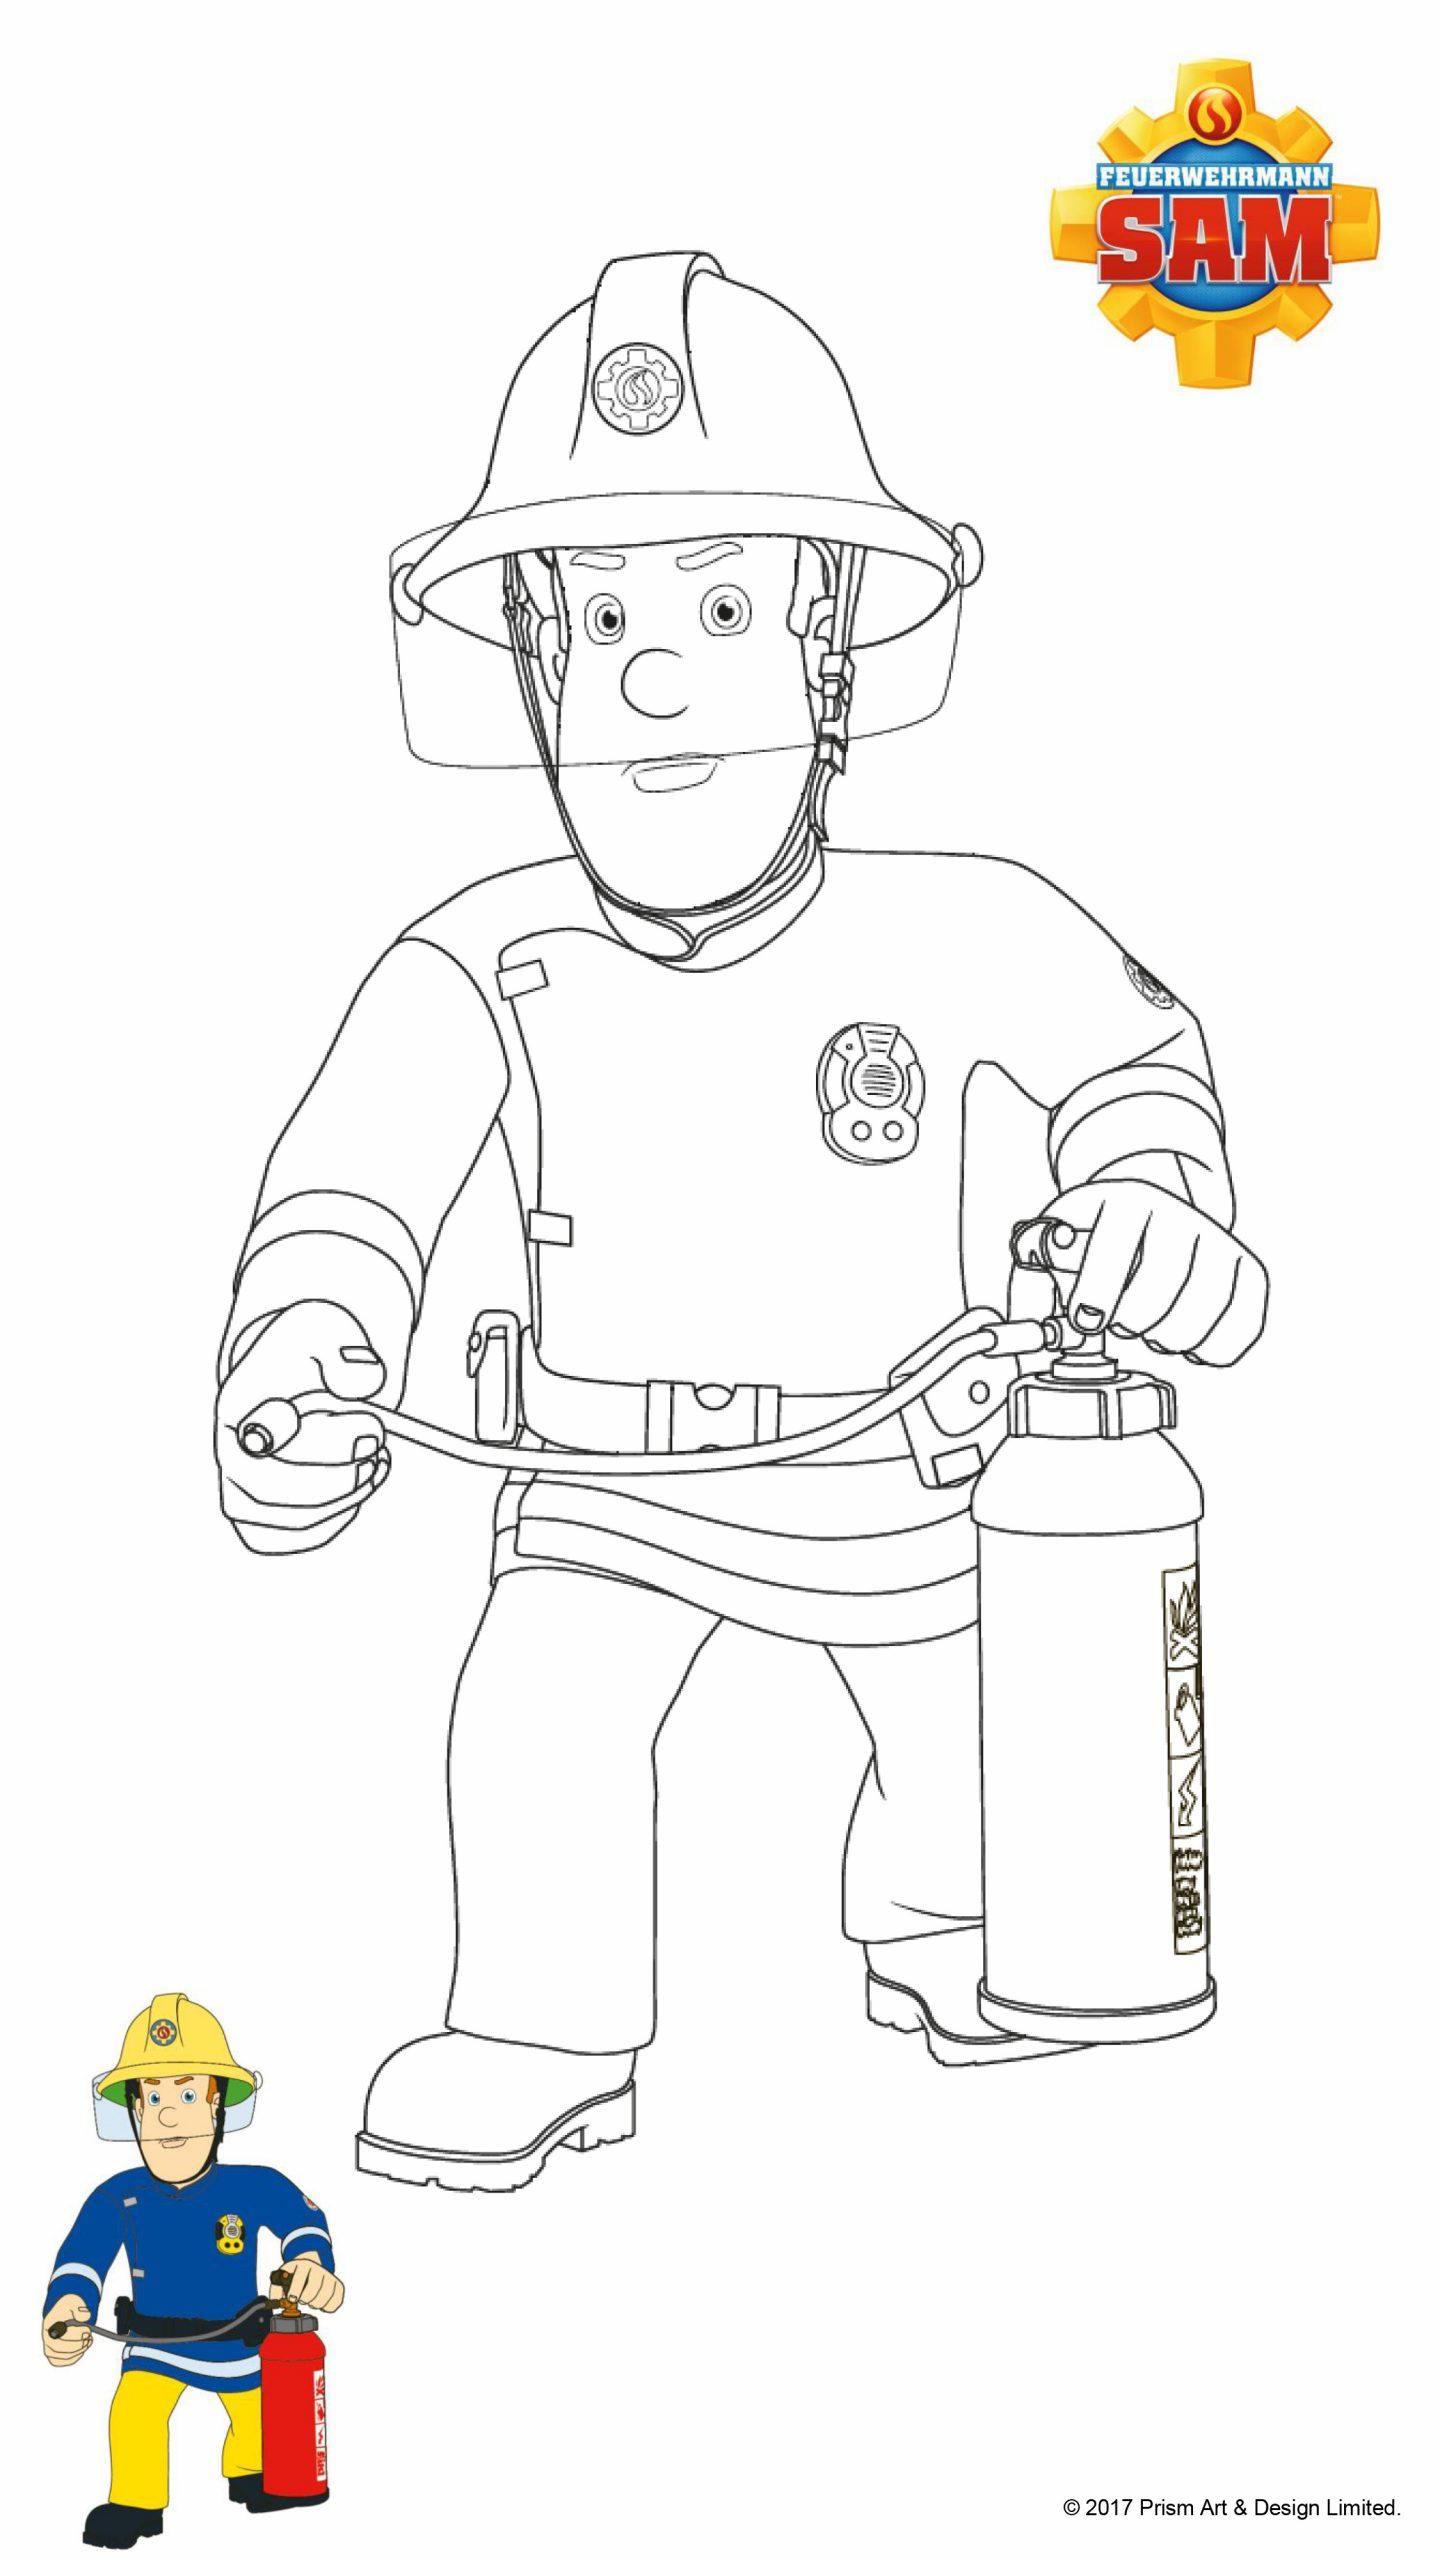 Feuerwehrmann Sam Ausmalbilder | Mytoys Blog bei Ausmalbild Feuerwehrmann Sam